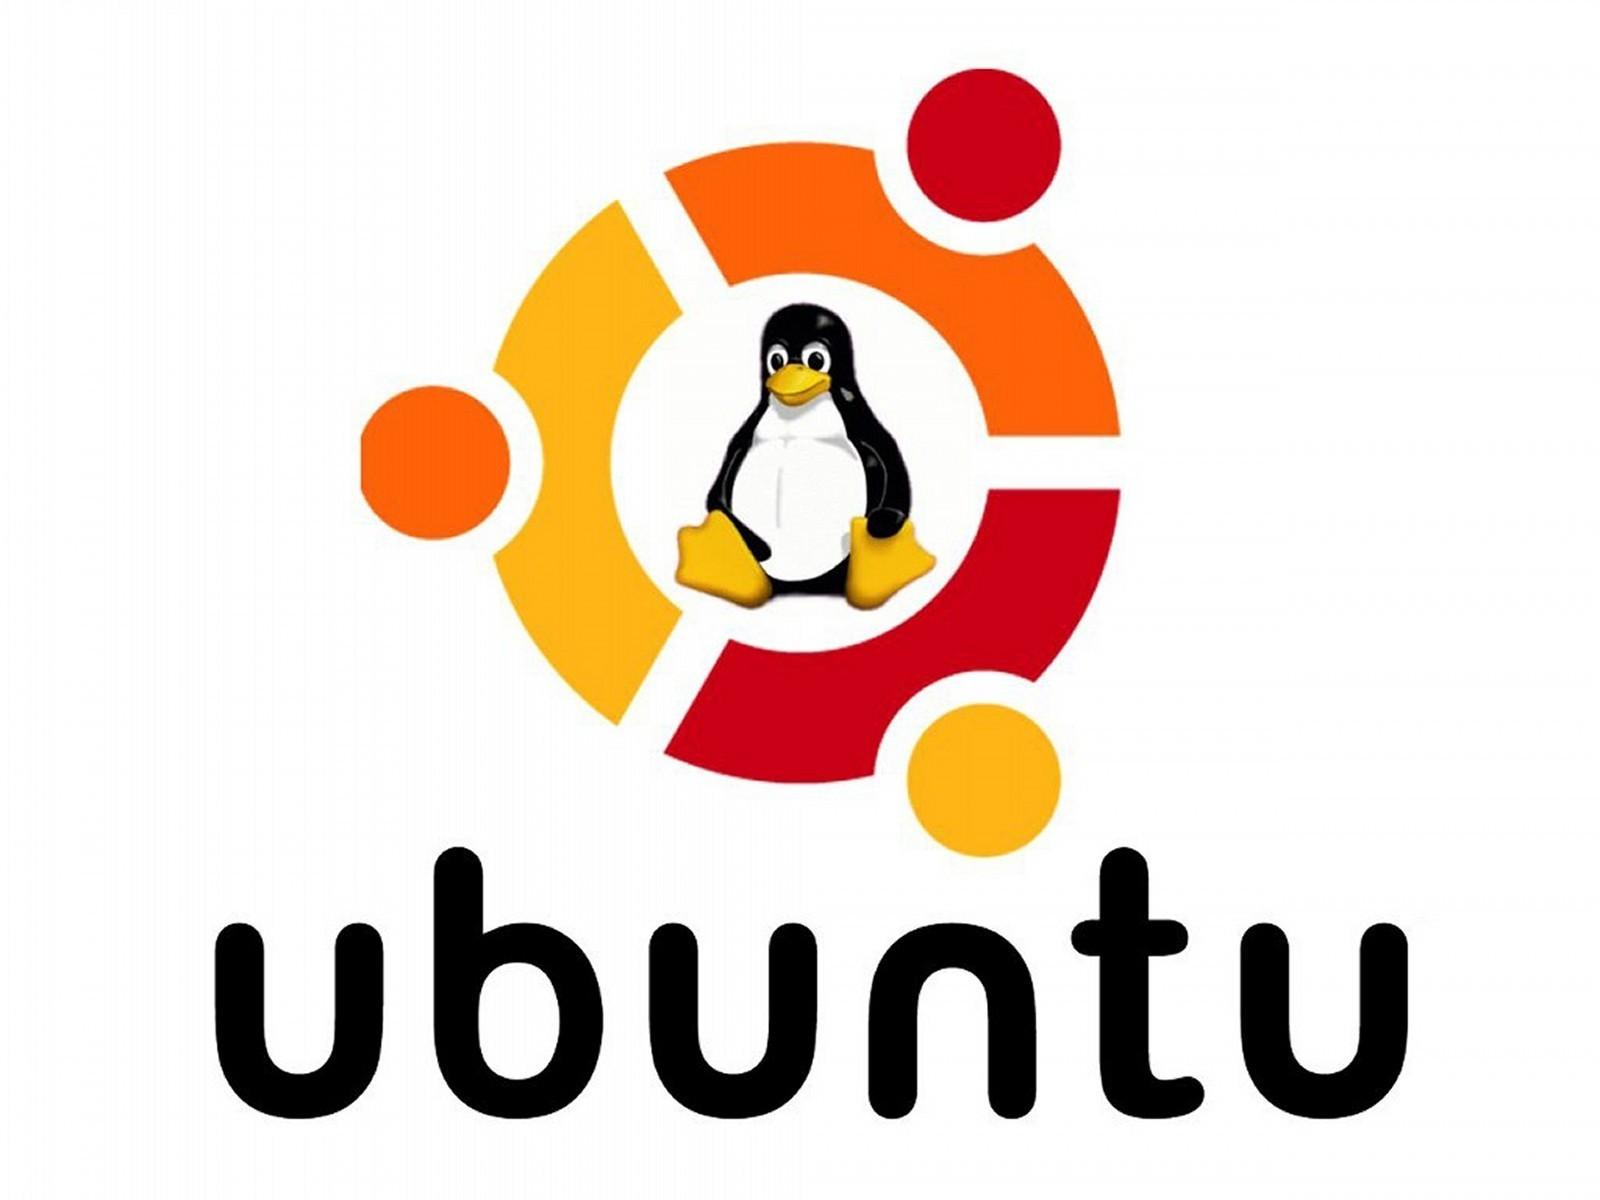 Ubuntu Nedir? Ubuntu ile ilgili bilgi